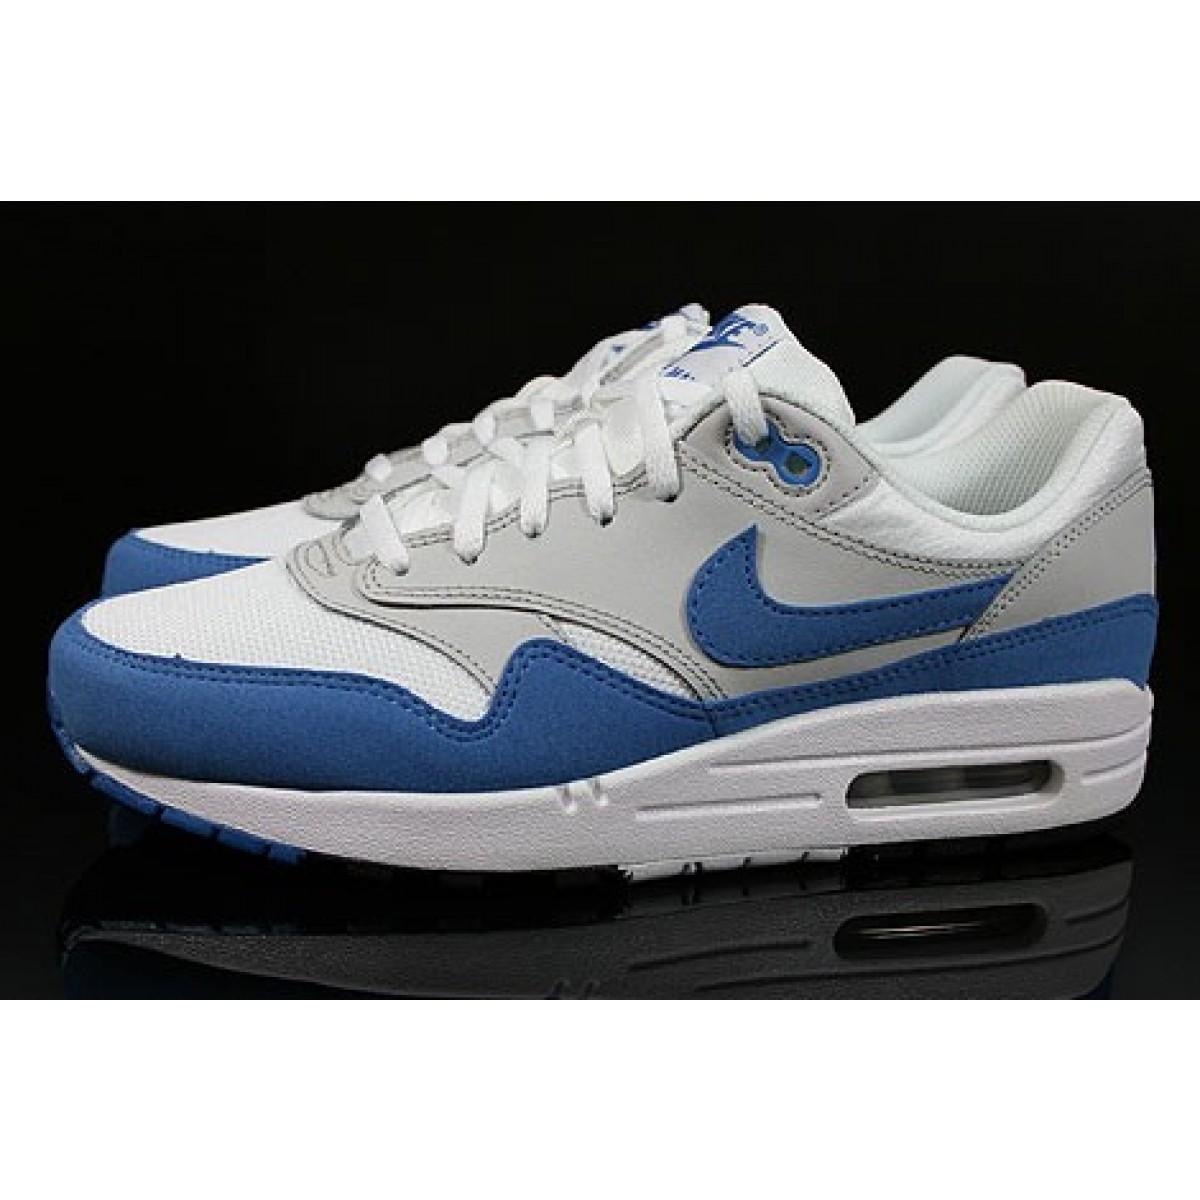 homme air max 1 bleu et noir et blanche nike air max 1 blanc bleu orange noir chaussures homme www covincennes fr